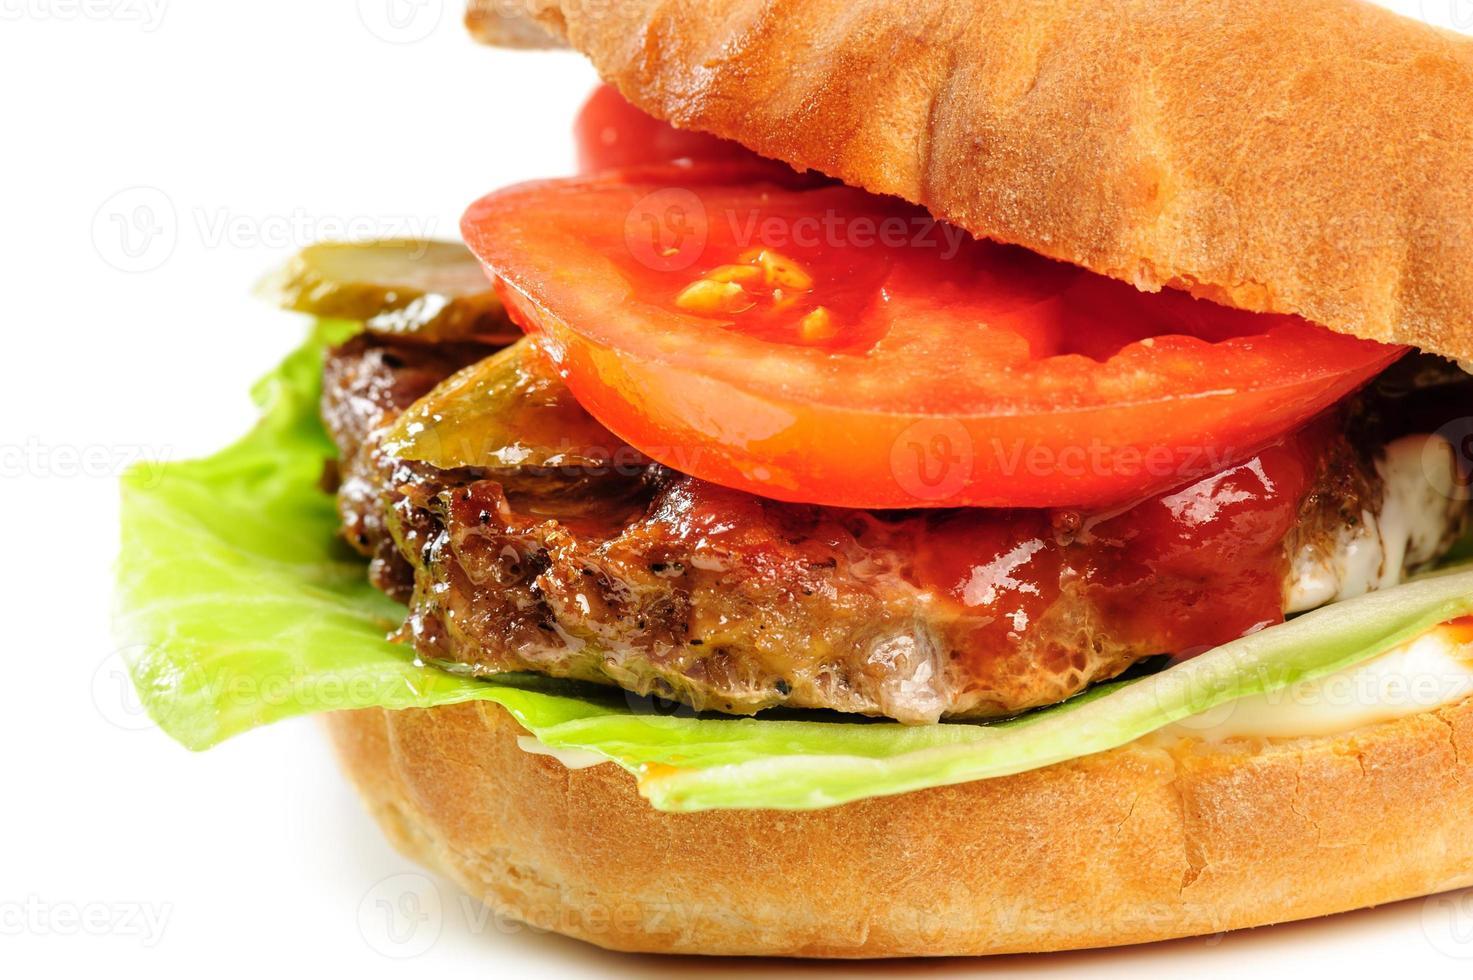 realistisch aussehender Teil des Hamburgers foto